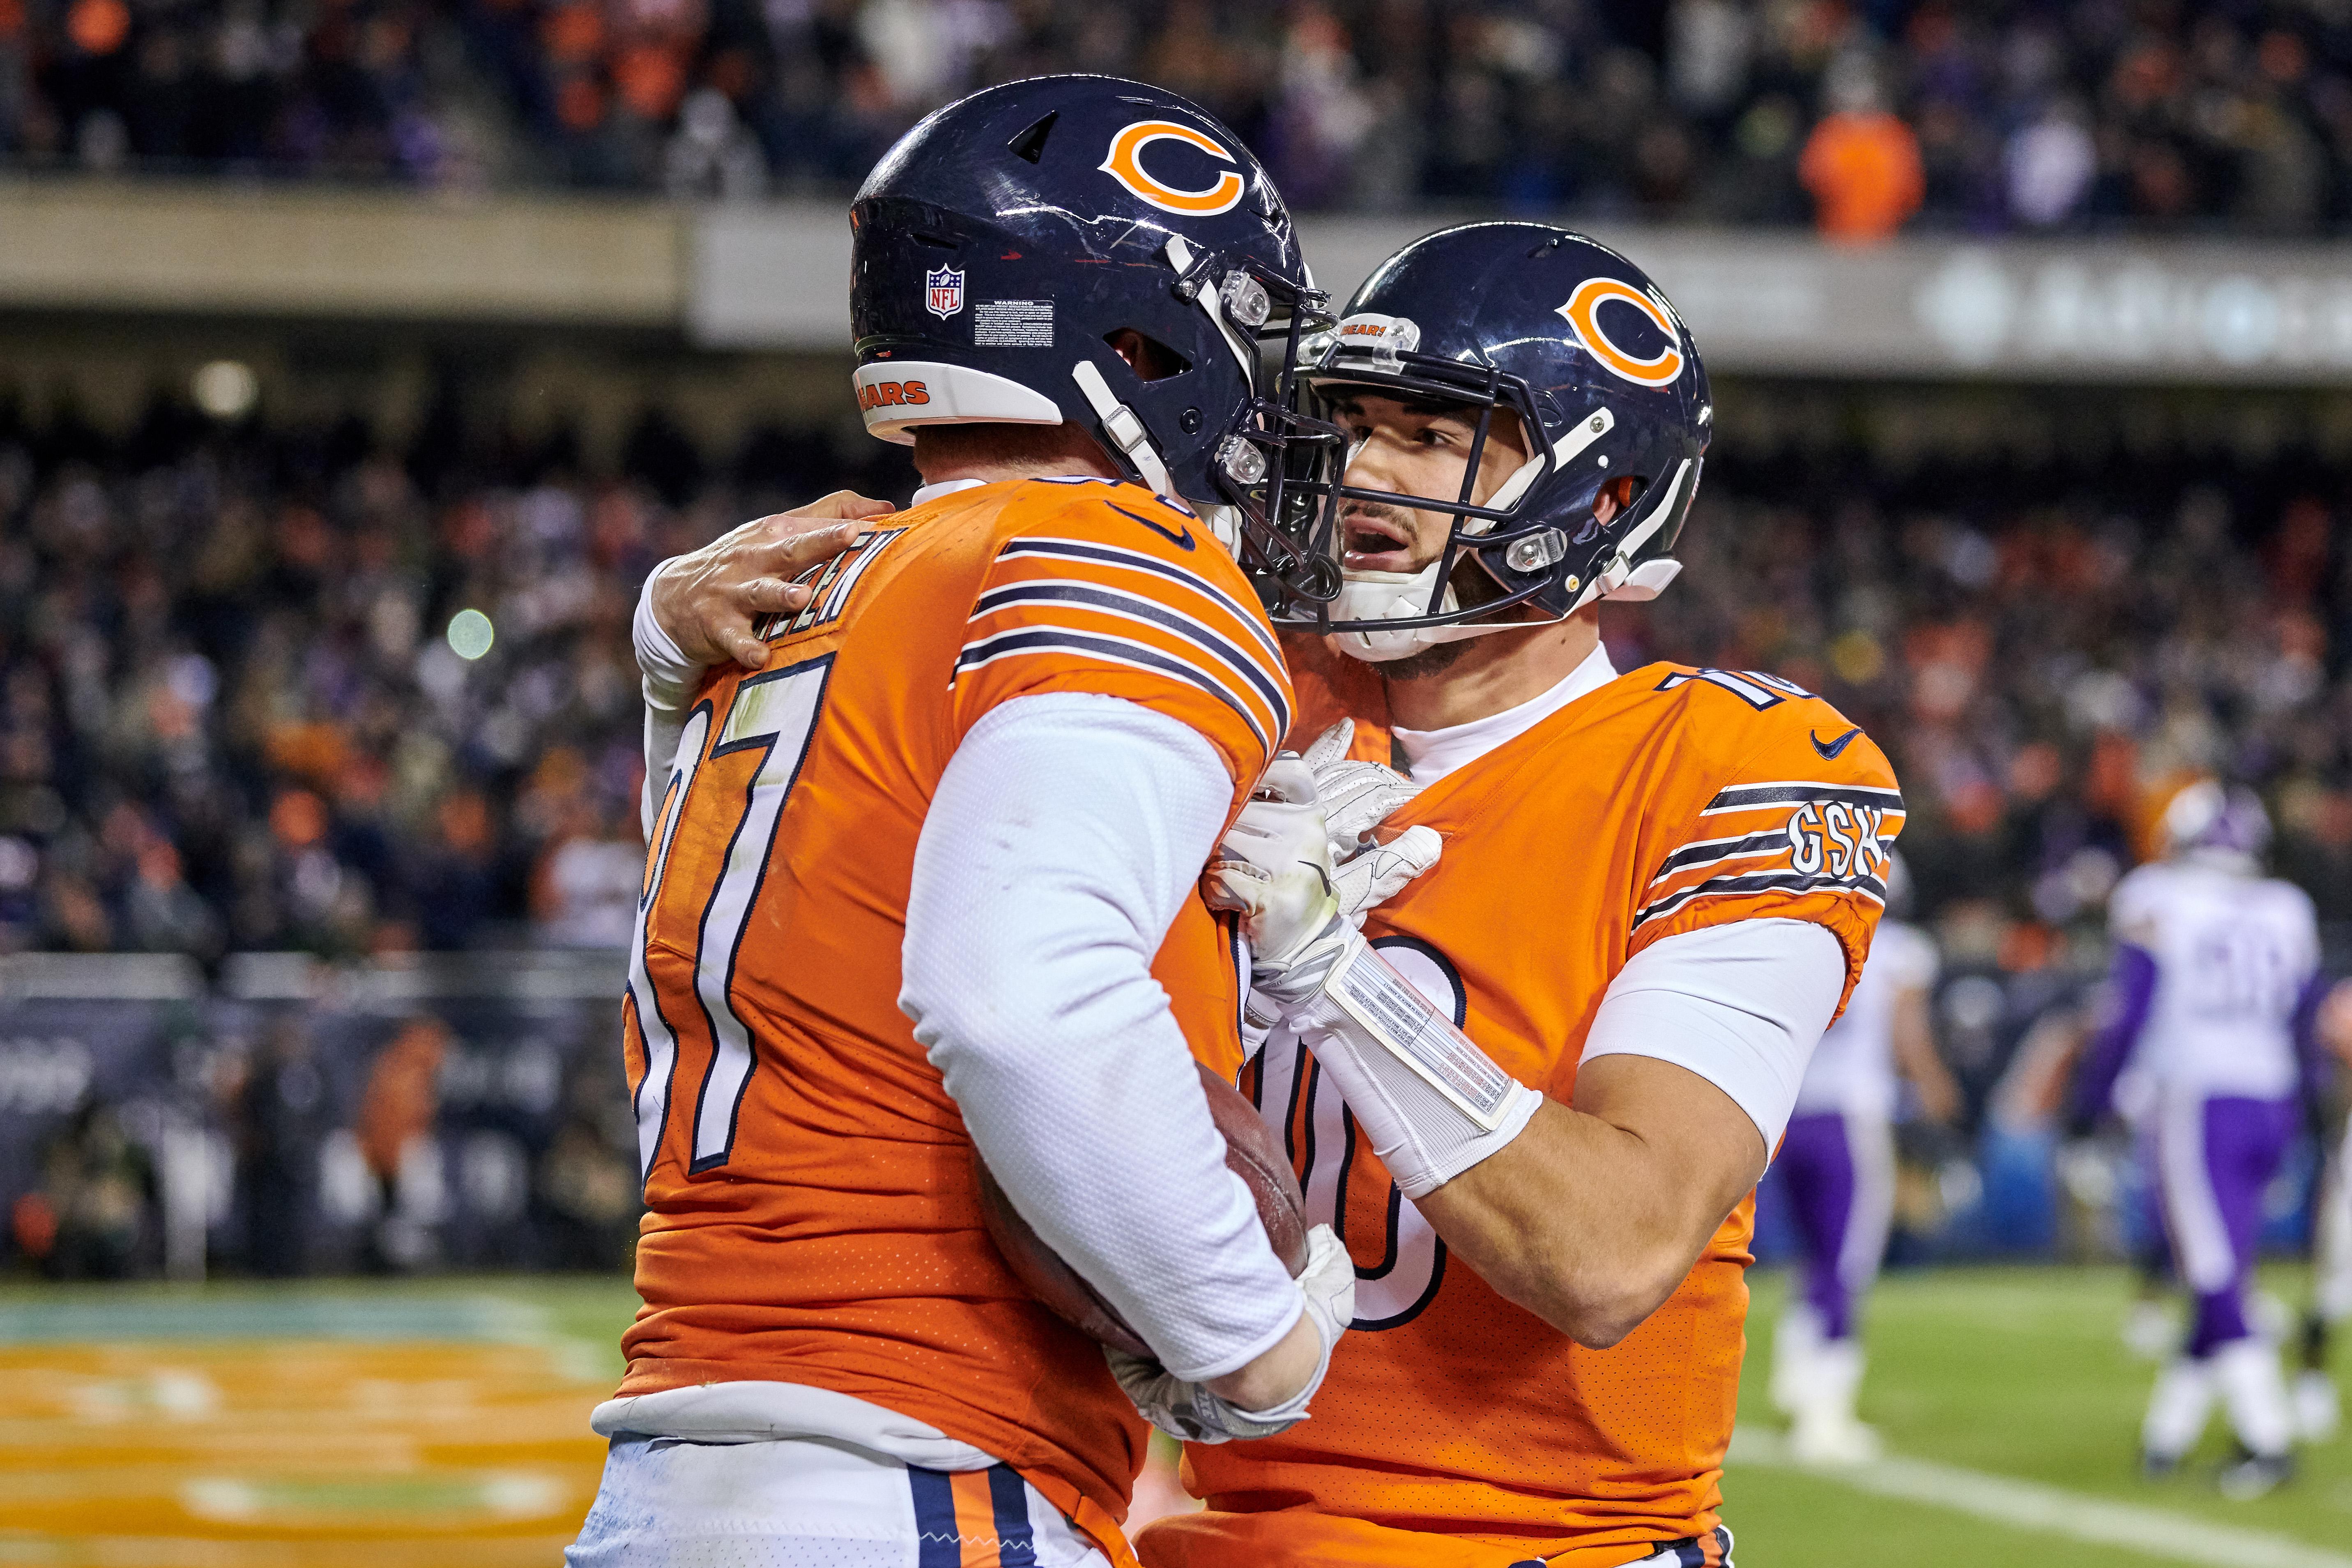 NFL: NOV 18 Vikings at Bears